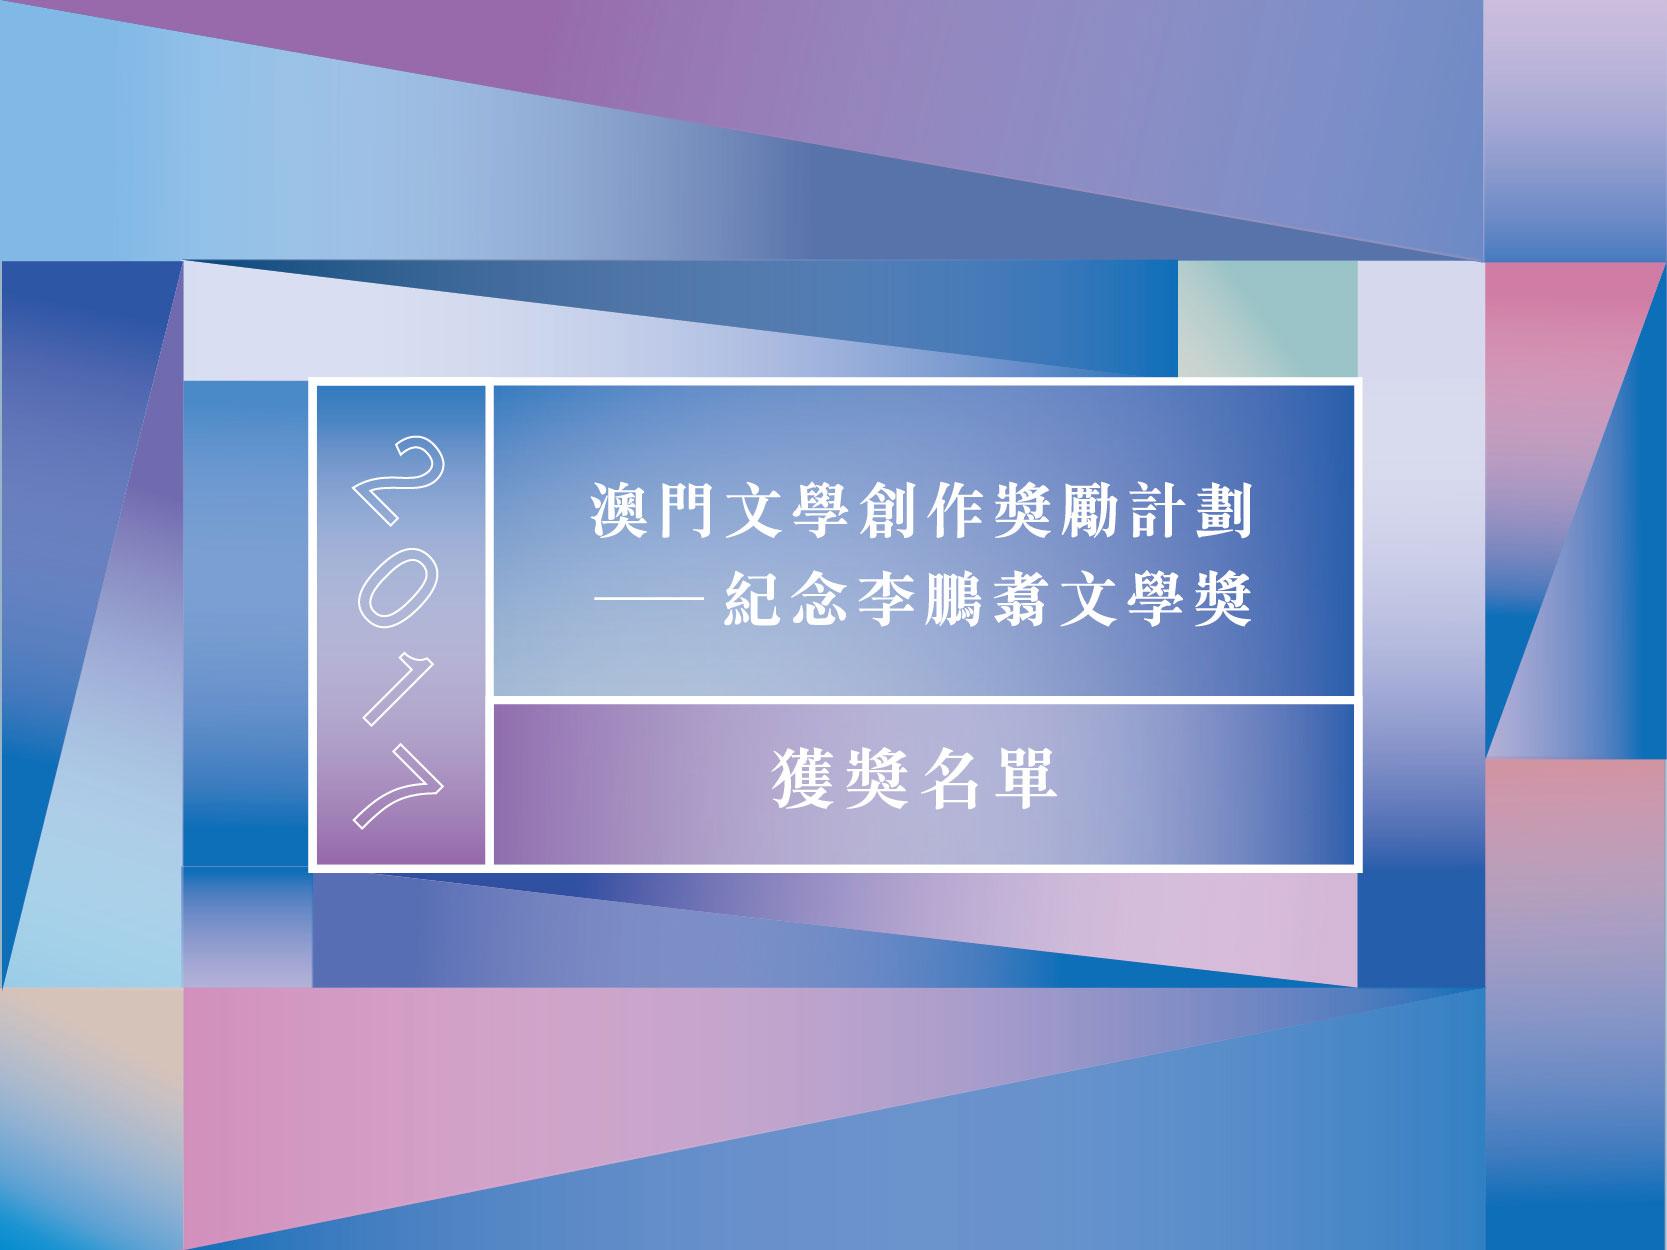 纪念李鹏翥文学奖得奖名单揭晓